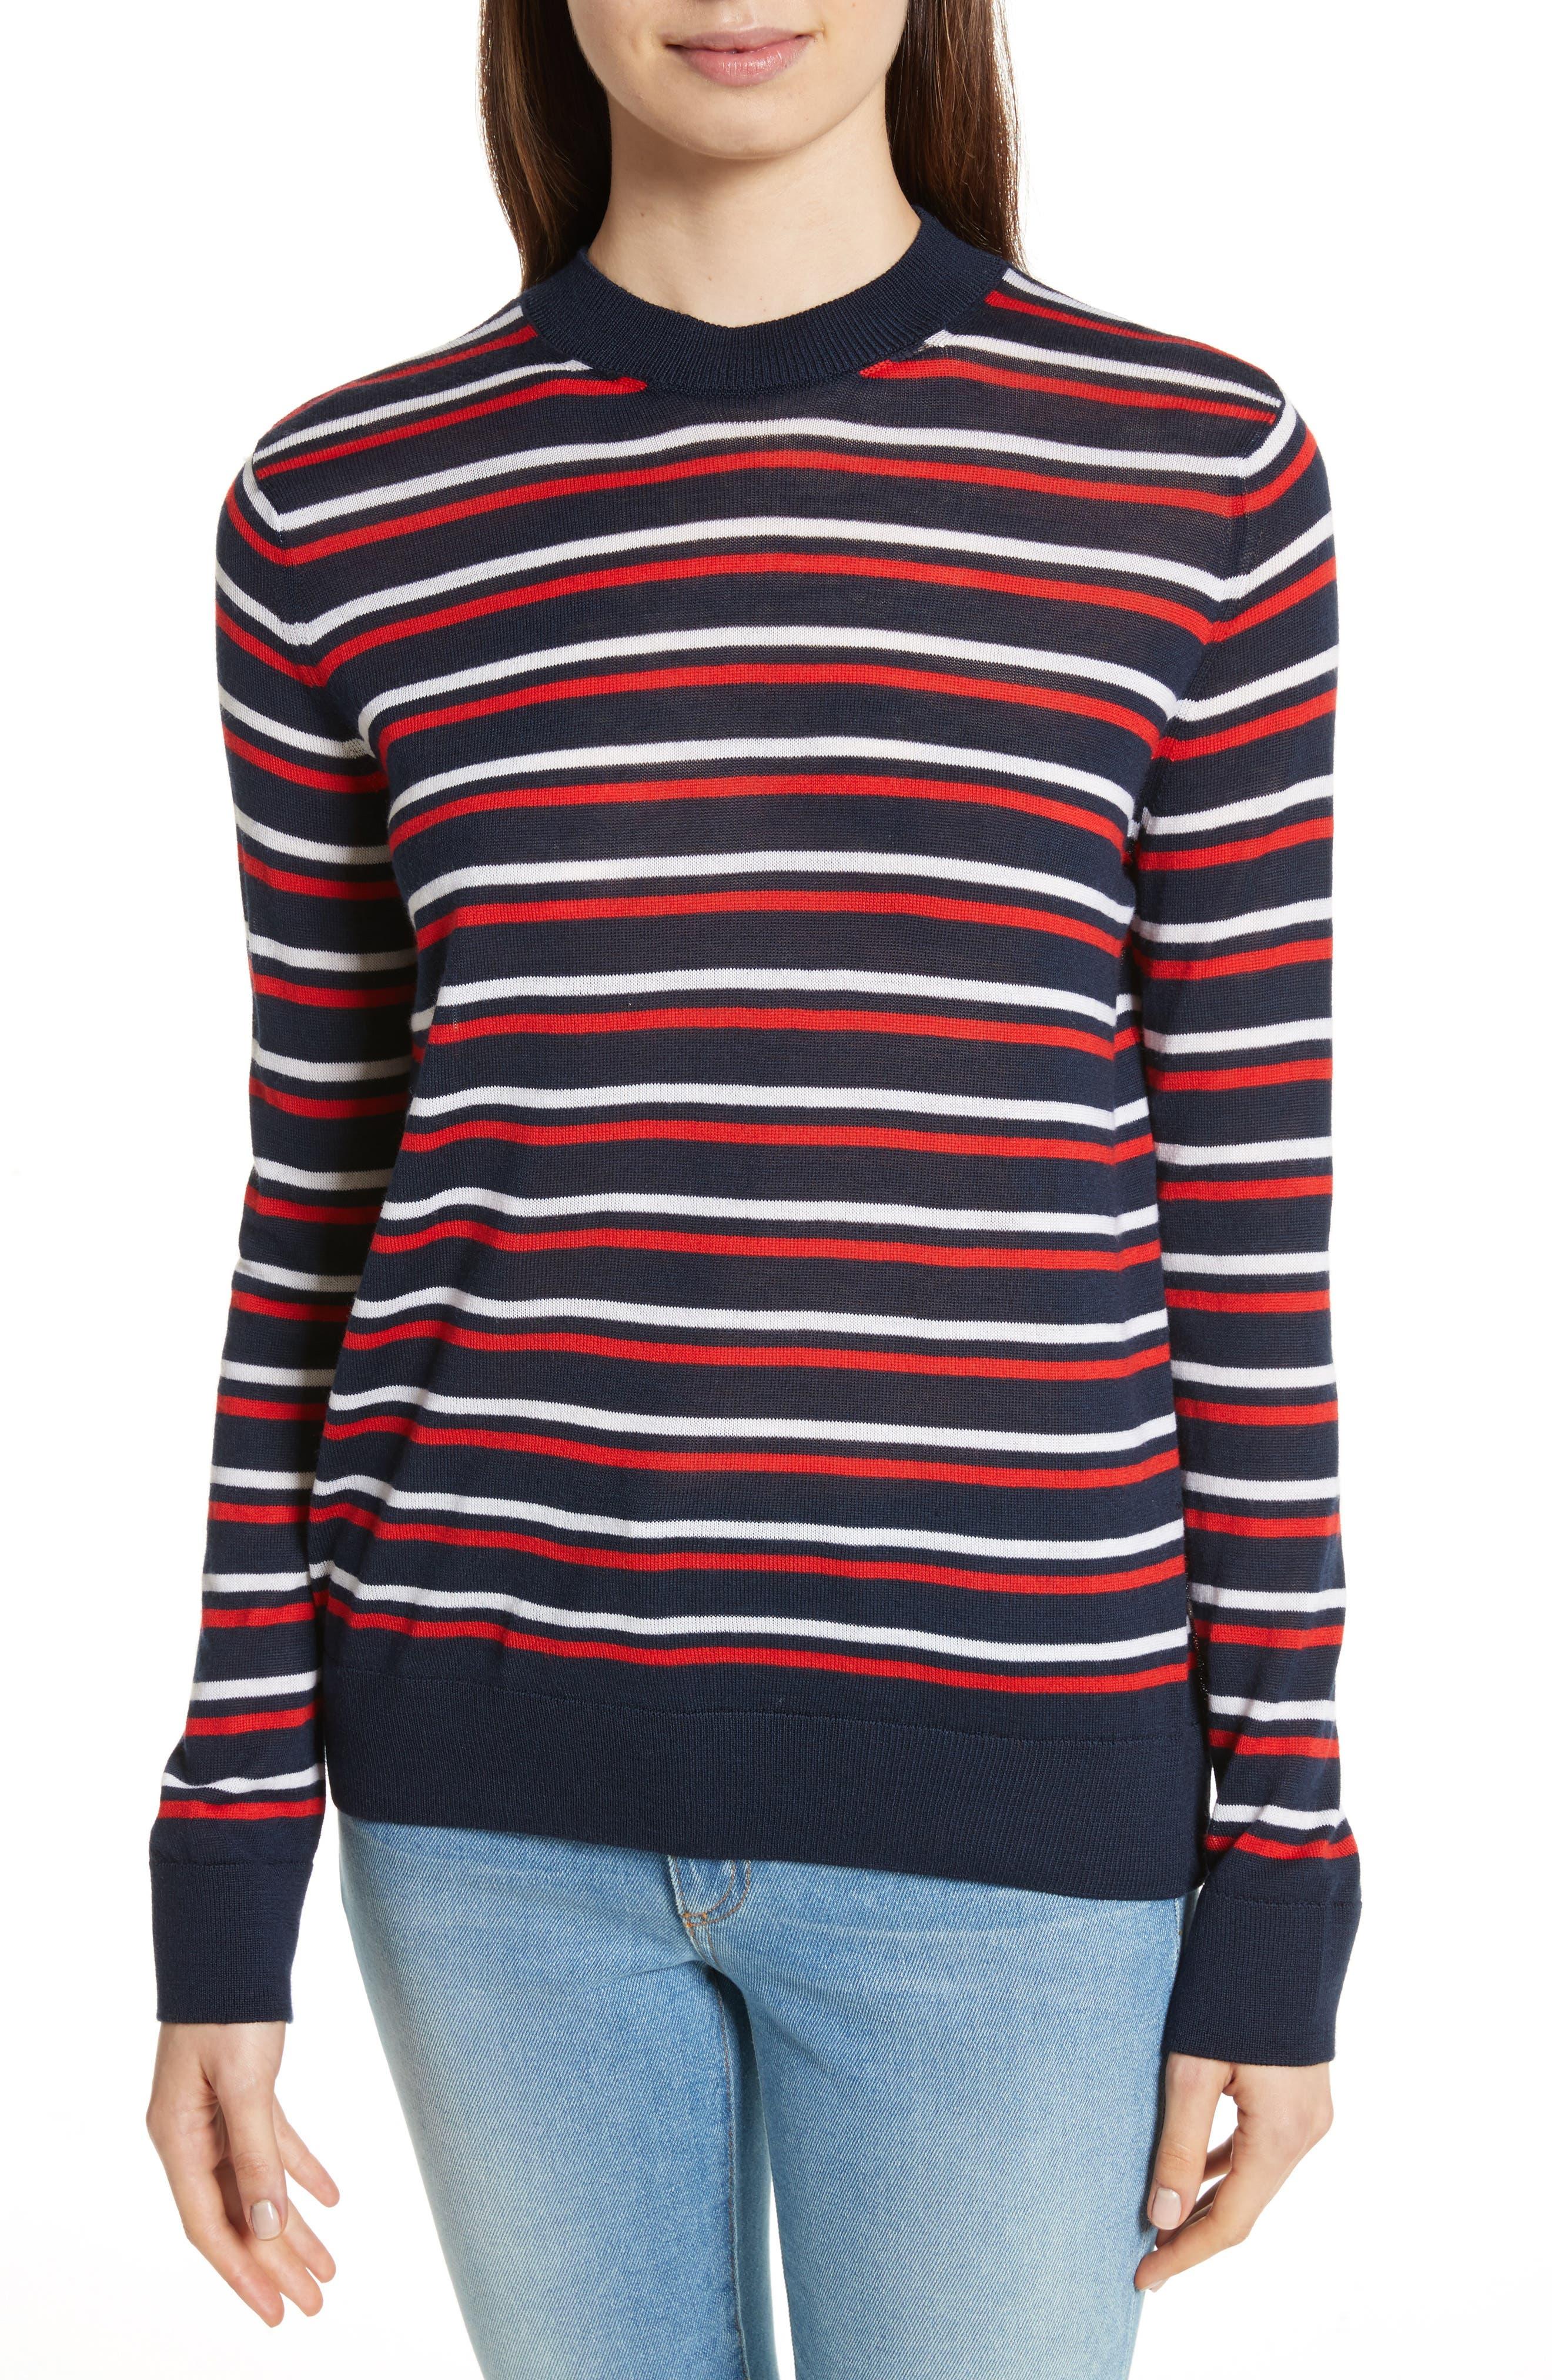 être cécile Stripe Knit Boyfriend Sweater,                             Main thumbnail 1, color,                             Marine Blue/ Red/ White